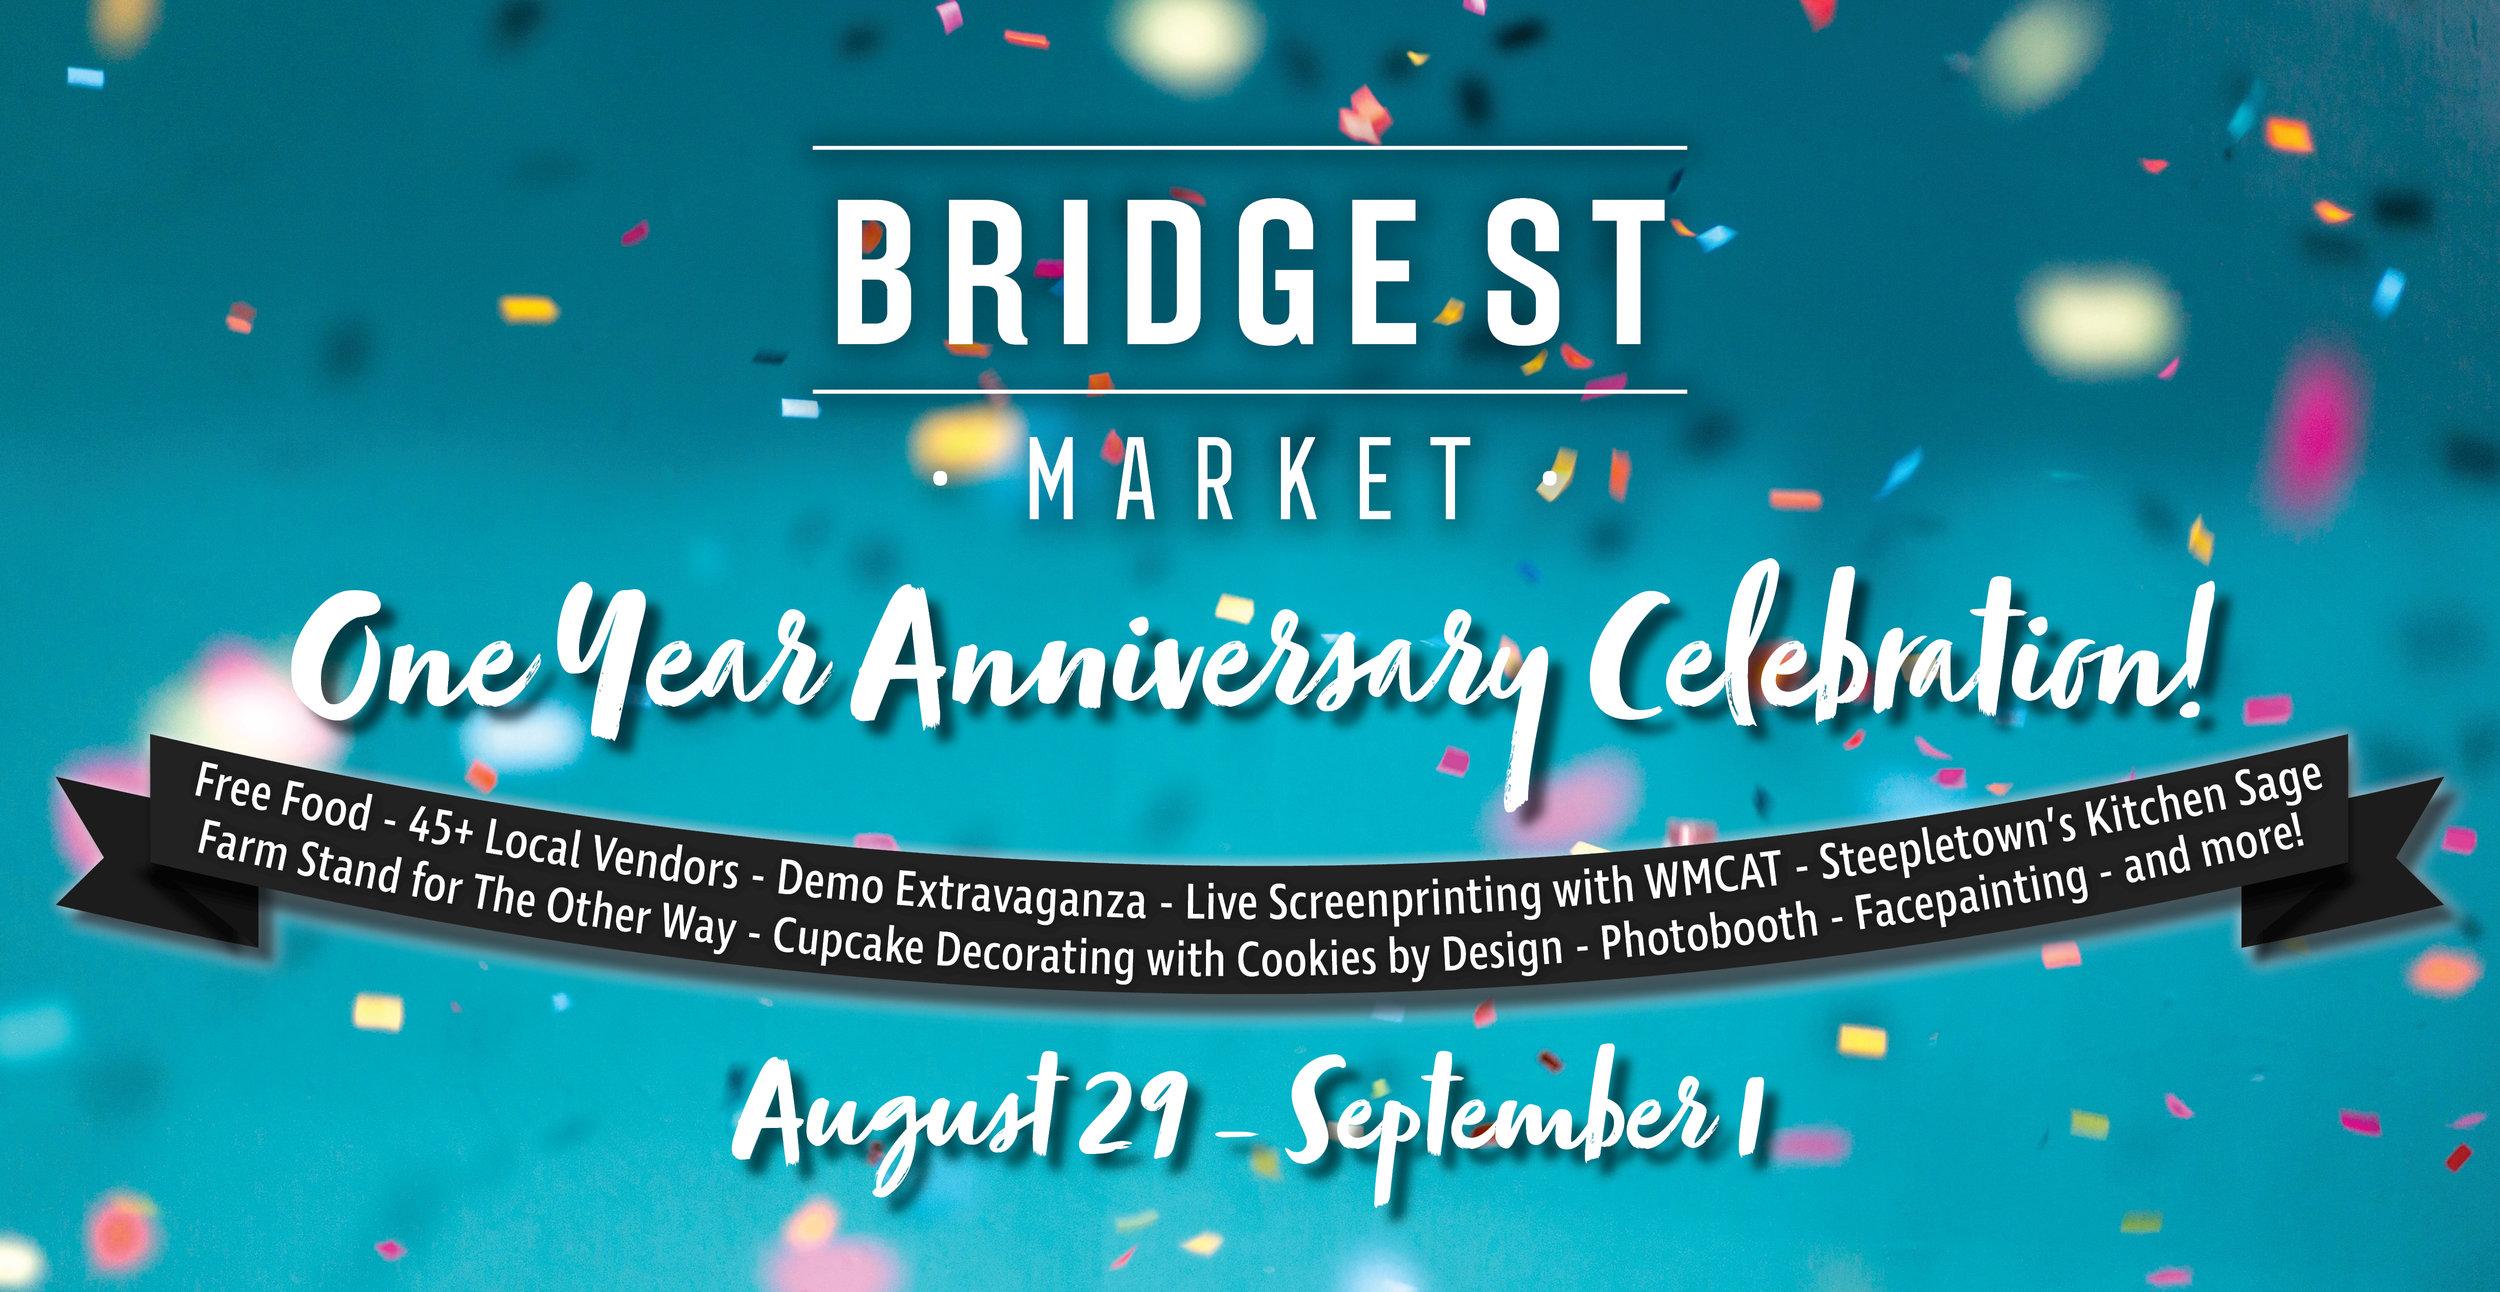 Bridge Street 1 Year Anniversary 5 300.jpg